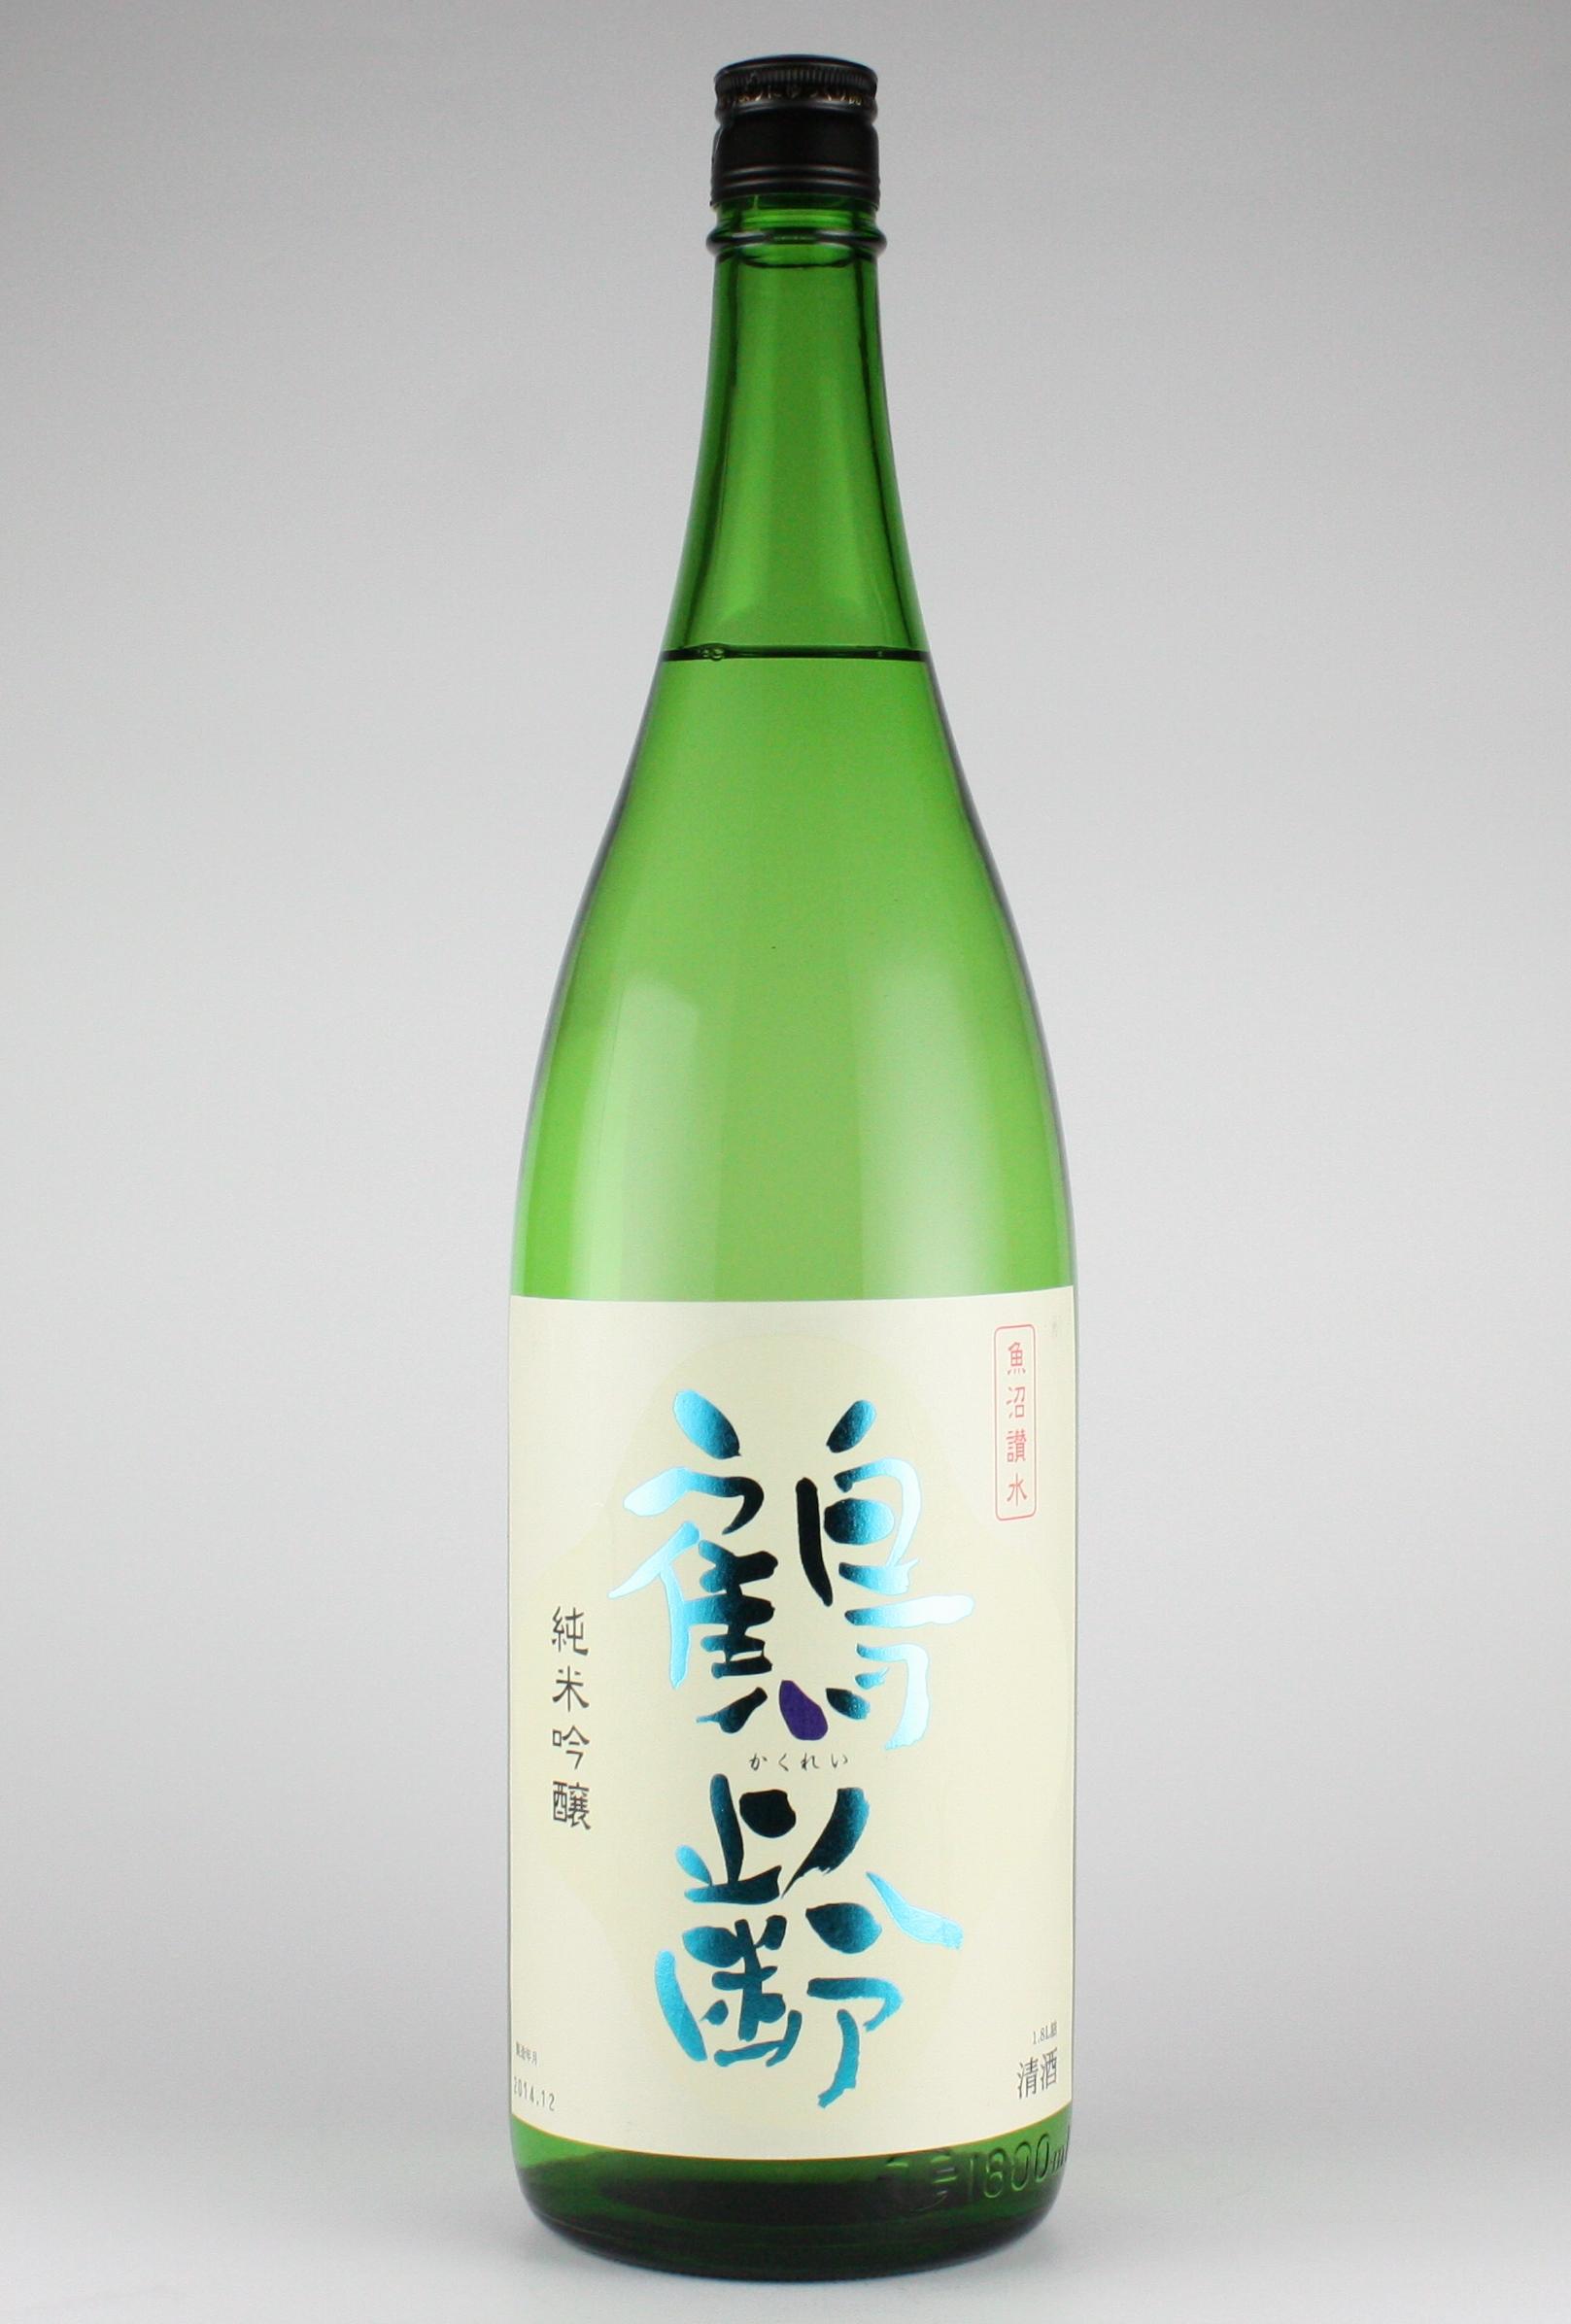 鶴齢 純米吟醸 越淡麗 1800ml 【新潟/青木酒造】